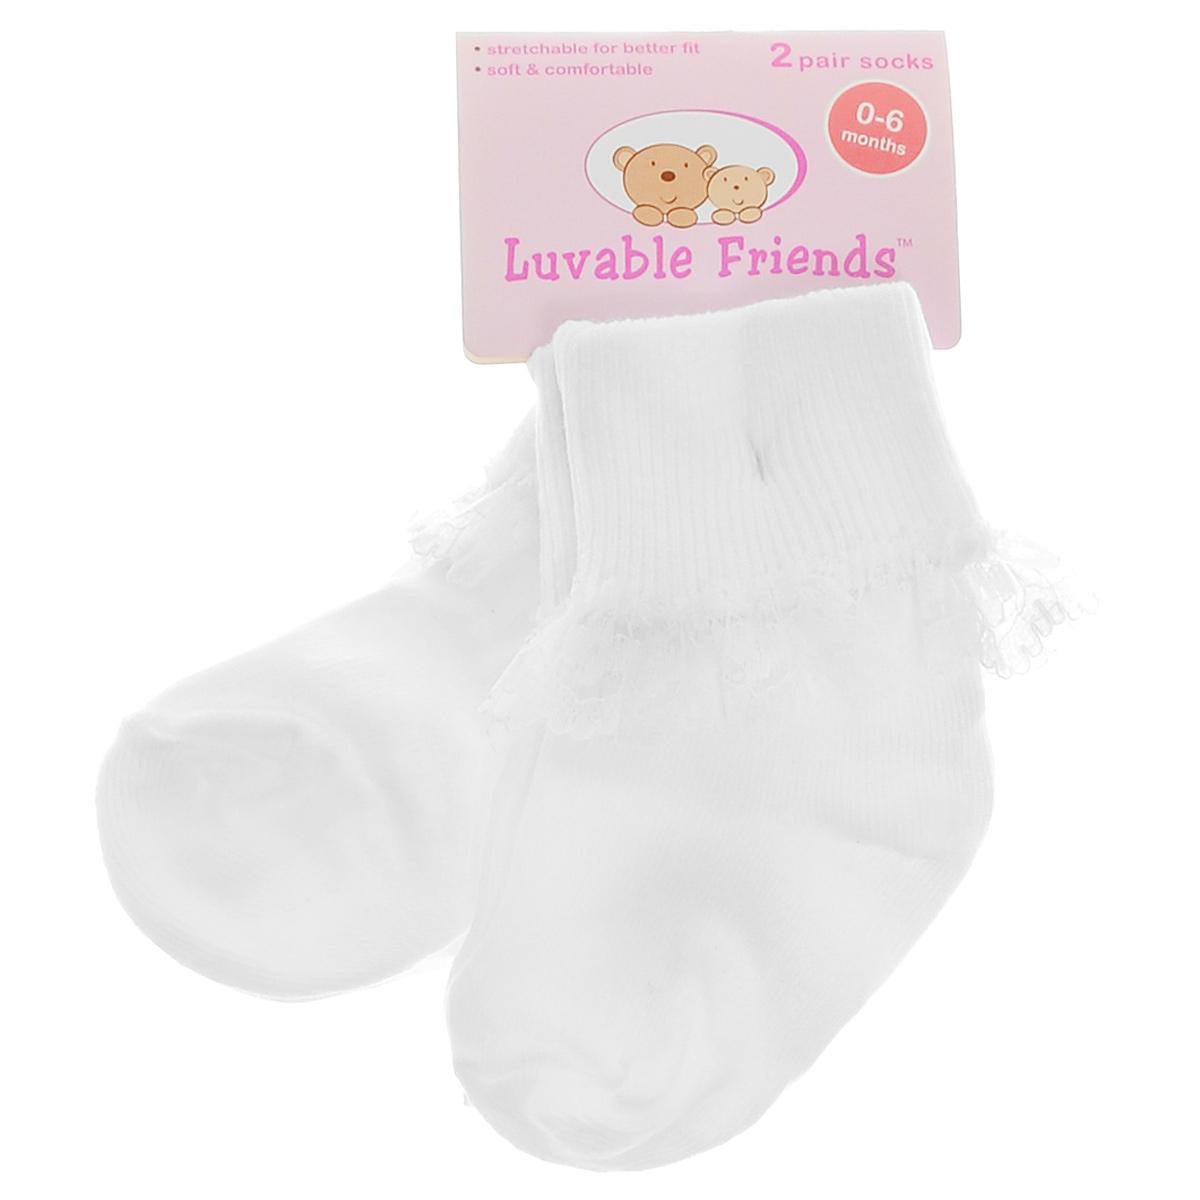 Носки для девочки, 2 пары. 0221602216Комфортные, прочные и красивые детские носки Luvable Friends для девочки очень мягкие на ощупь, отлично тянутся и удобно сидят на ножке малышки. А широкая резинка-отворот плотно облегает ножку ребенка, не сдавливая ее, благодаря чему вашей дочурке будет комфортно и удобно. Отвороты оформлены очаровательной кружевной отделкой. Нарядные и удобные, носочки подходят как для праздника, так и для повседневной носки. Комплект состоит из двух пар носочков.